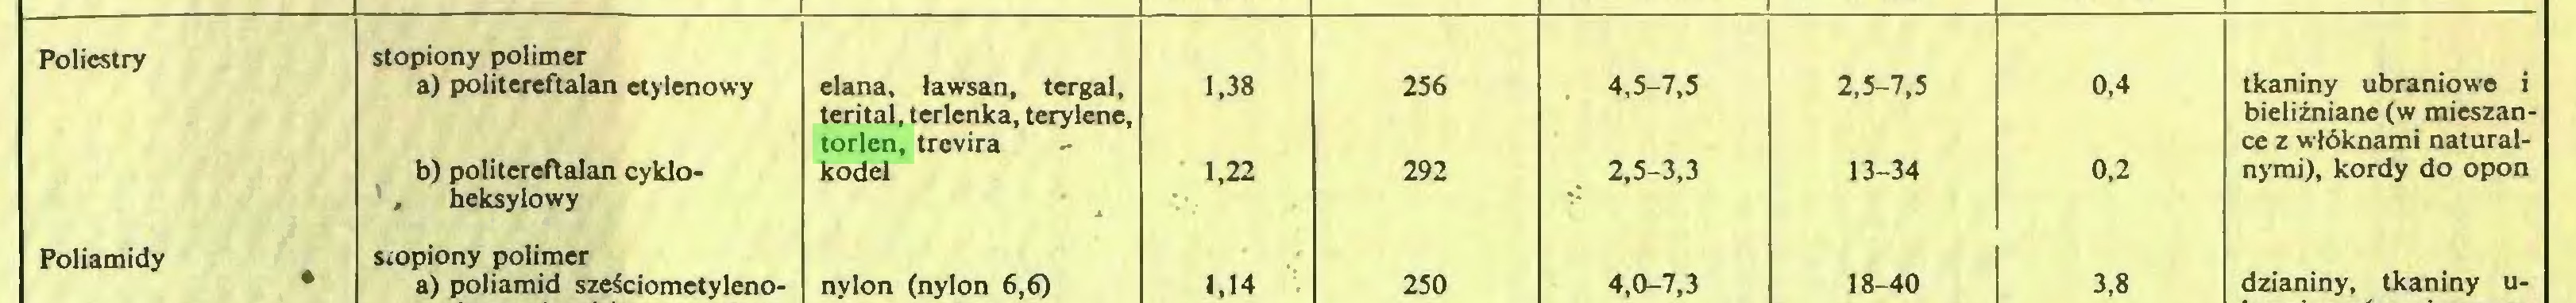 (...) Poliestry stopiony polimer a) politereftalan etylenowy elana, tawsan, tergal. 1,38 256 4,5-7,5 2,5-7,5 0,4 tkaniny ubraniowe i terital, terlenka, terylene. bielizniane (w mieszantorlen, trevira ce z wlöknami naturalb) politereftalan cyklo- kodel 1,22 292 2,5-3,3 13-34 0,2 nymi), kordy do opon , heksylowy Poliamidy Siopiony polimer • dzianiny, tkaniny ua) poliamid szeSciometyleno- nylon (nylon 6,6) 1.14 250 4,0-7,3 18-40 3,8...